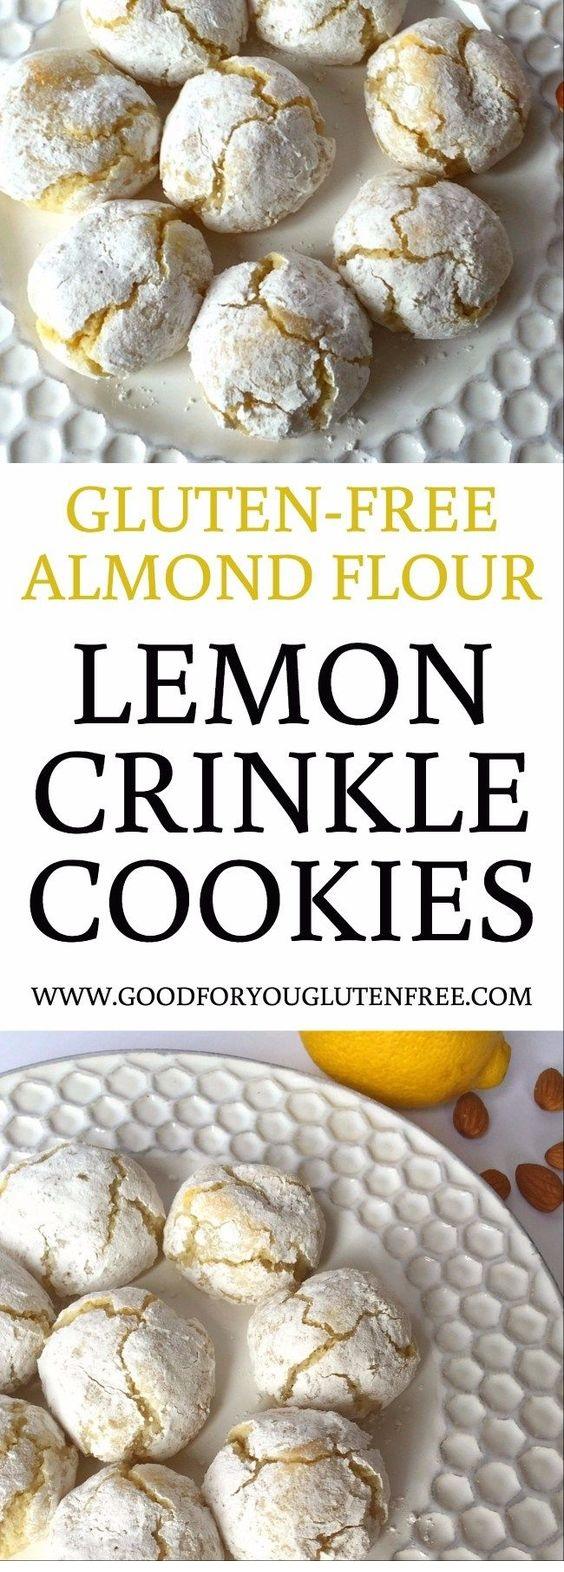 Gluten-Free Lemon Crinkle Cookies